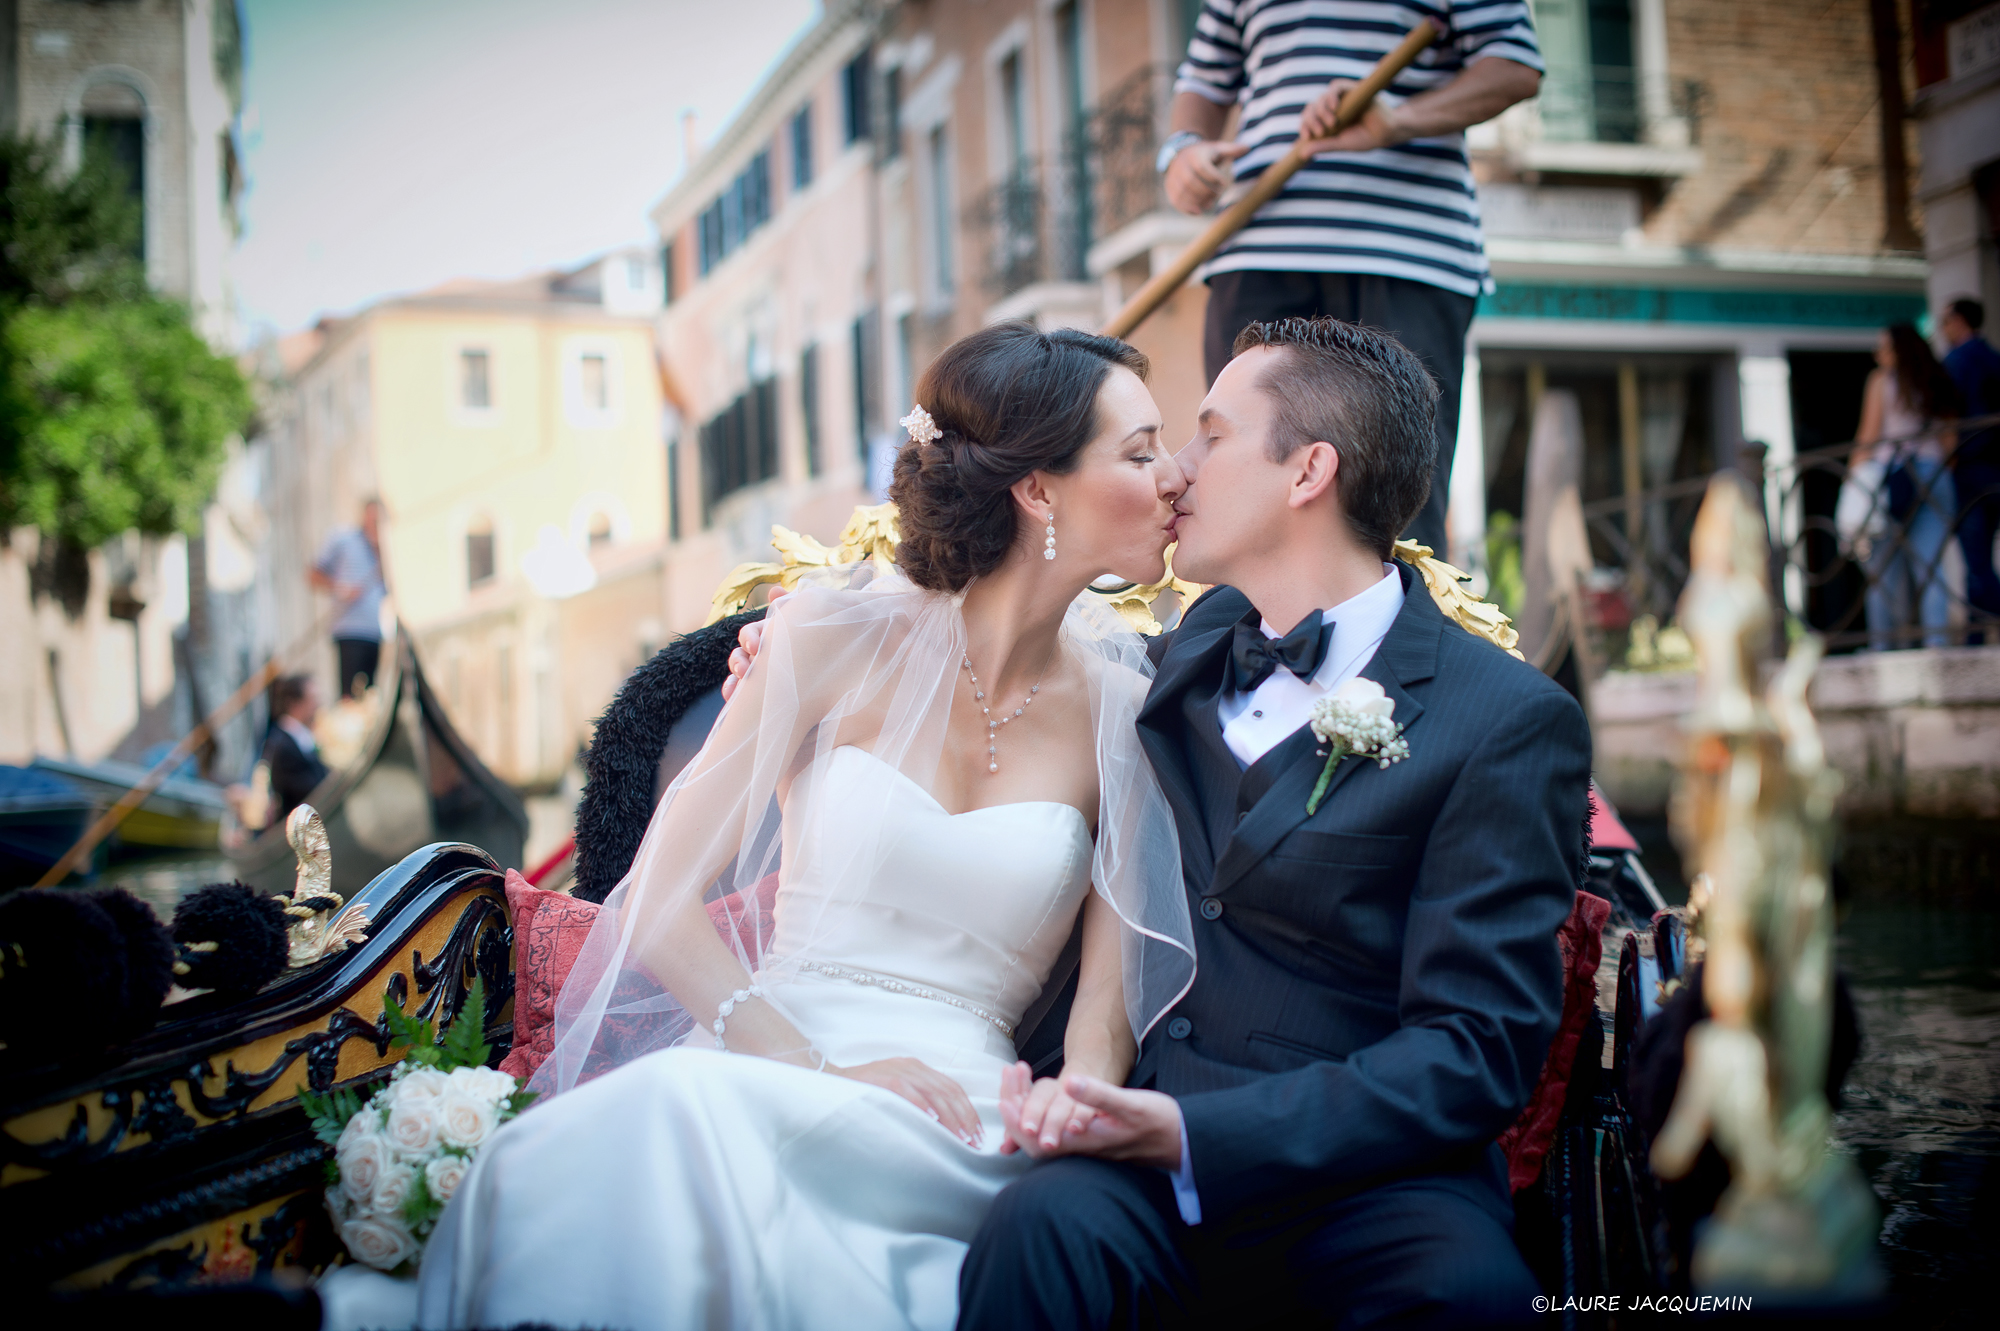 venise mariage photographe laure Jacquemin simbolique jardin venitien gondole (128)